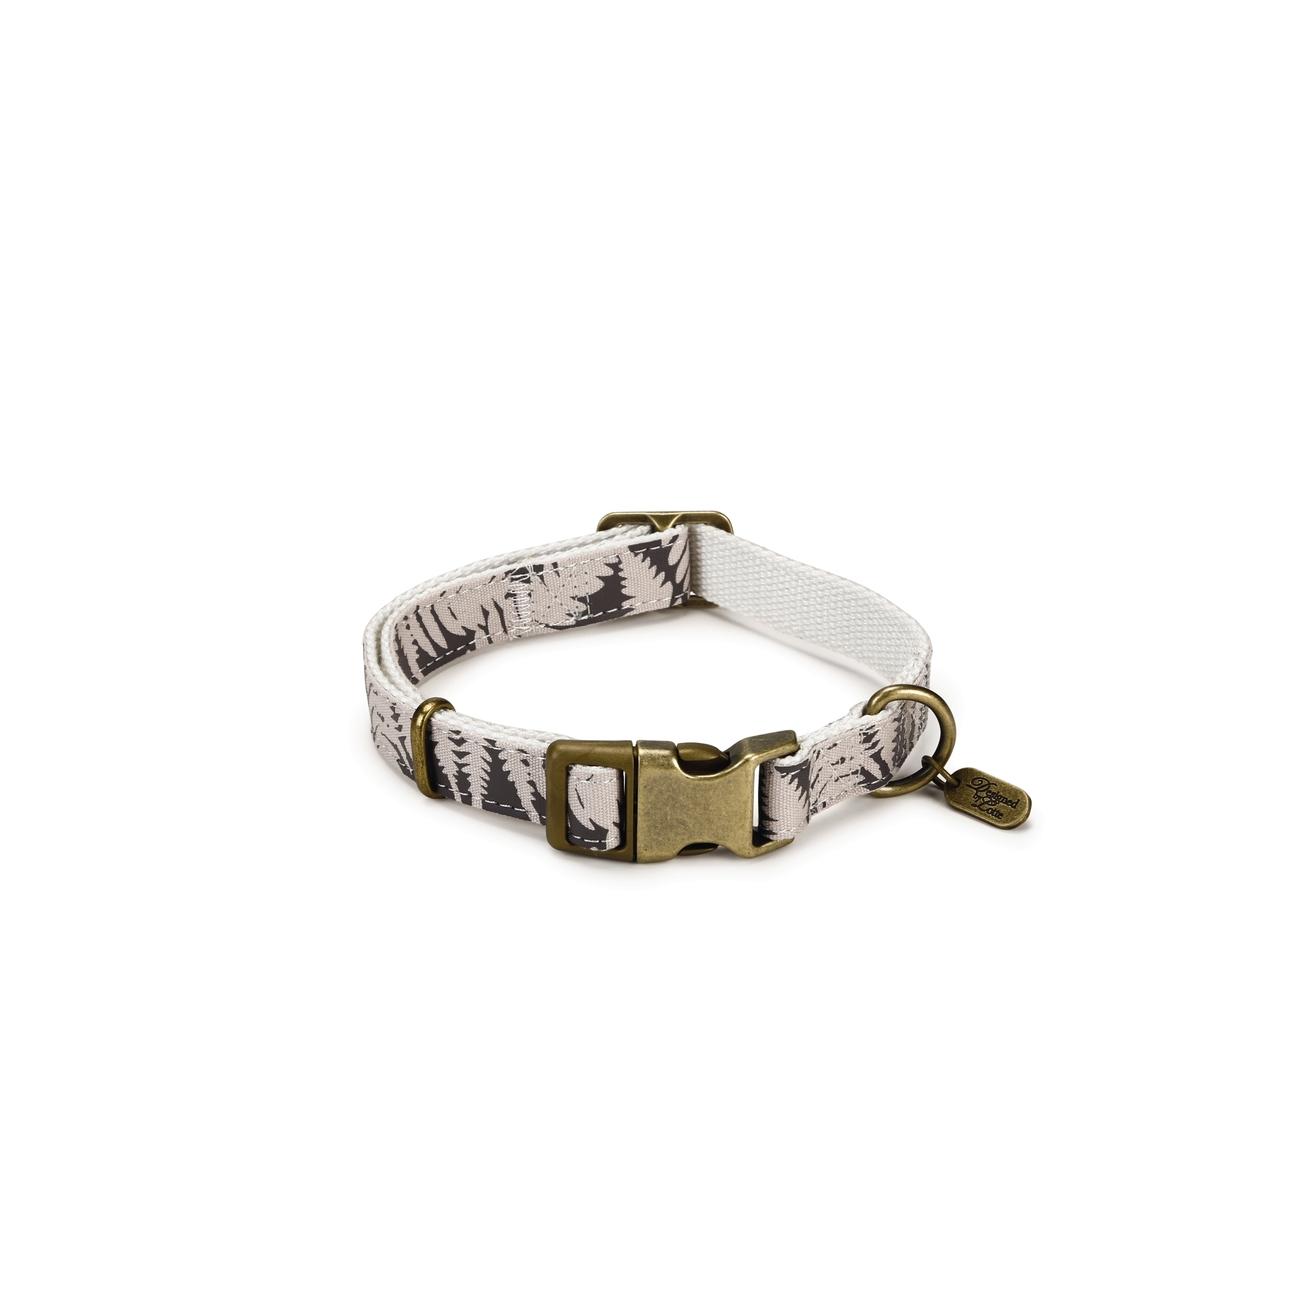 Designed By Lotte - Oribo Halsband oder Leine aus Nylon, Bild 7